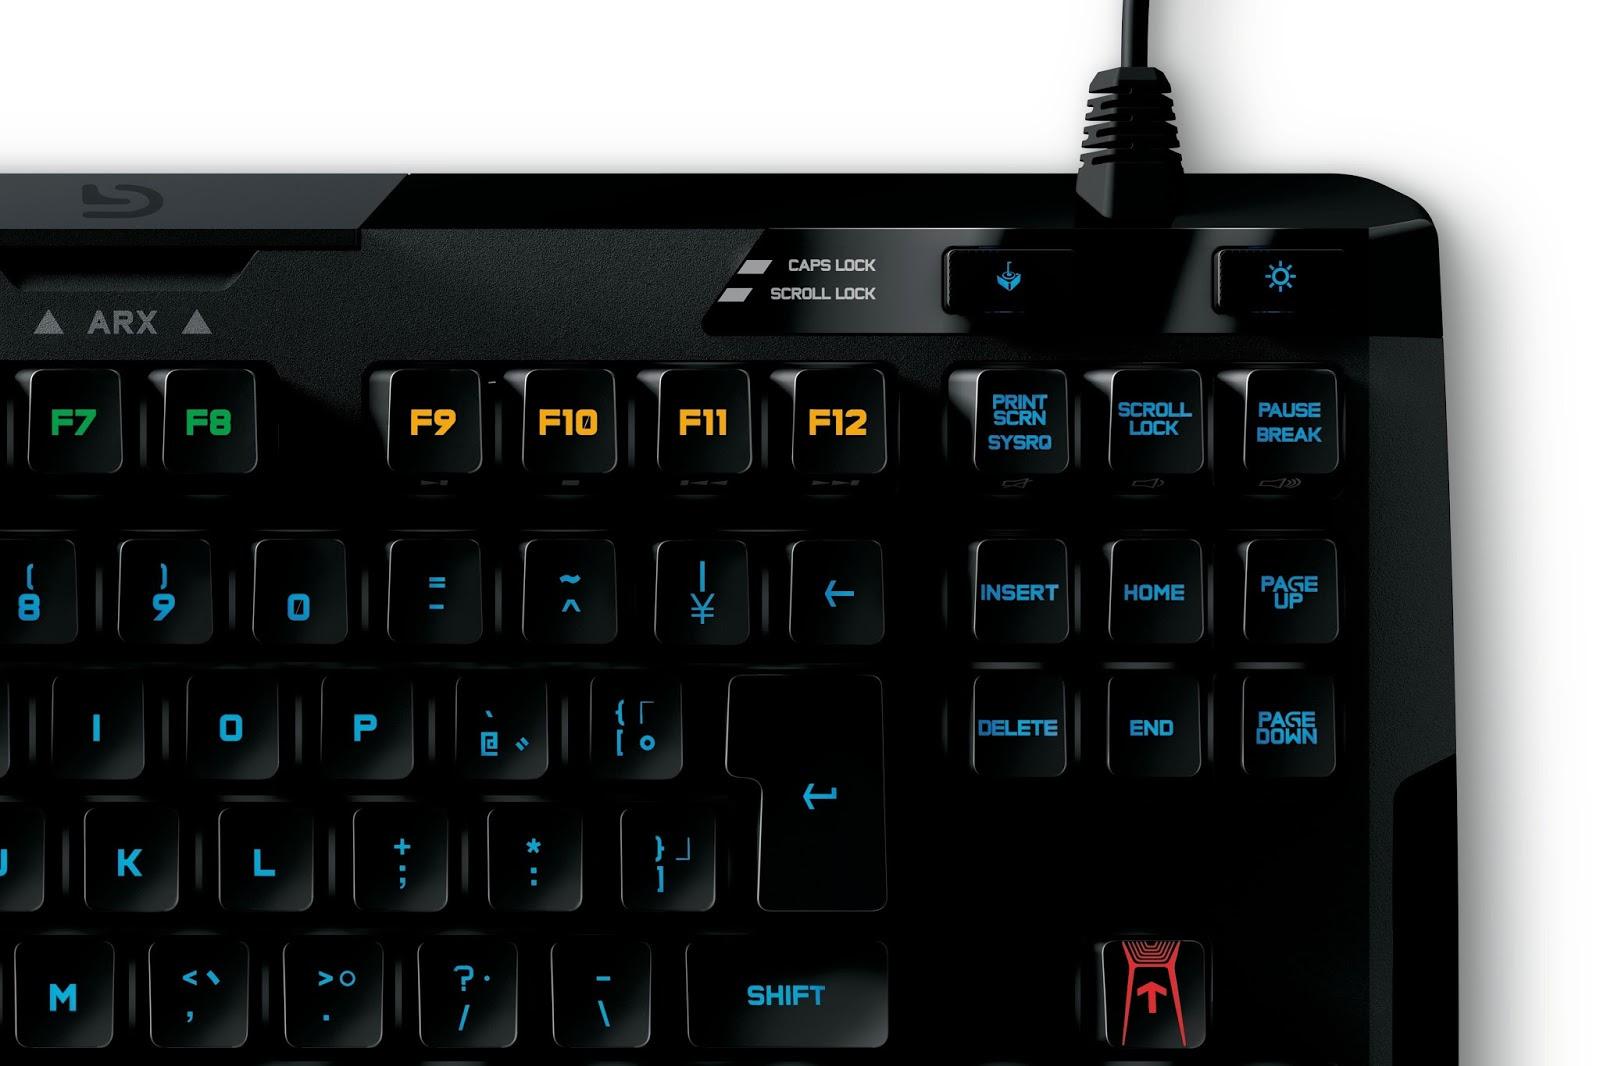 Logitech G410 Mechanical keyboard Closer look